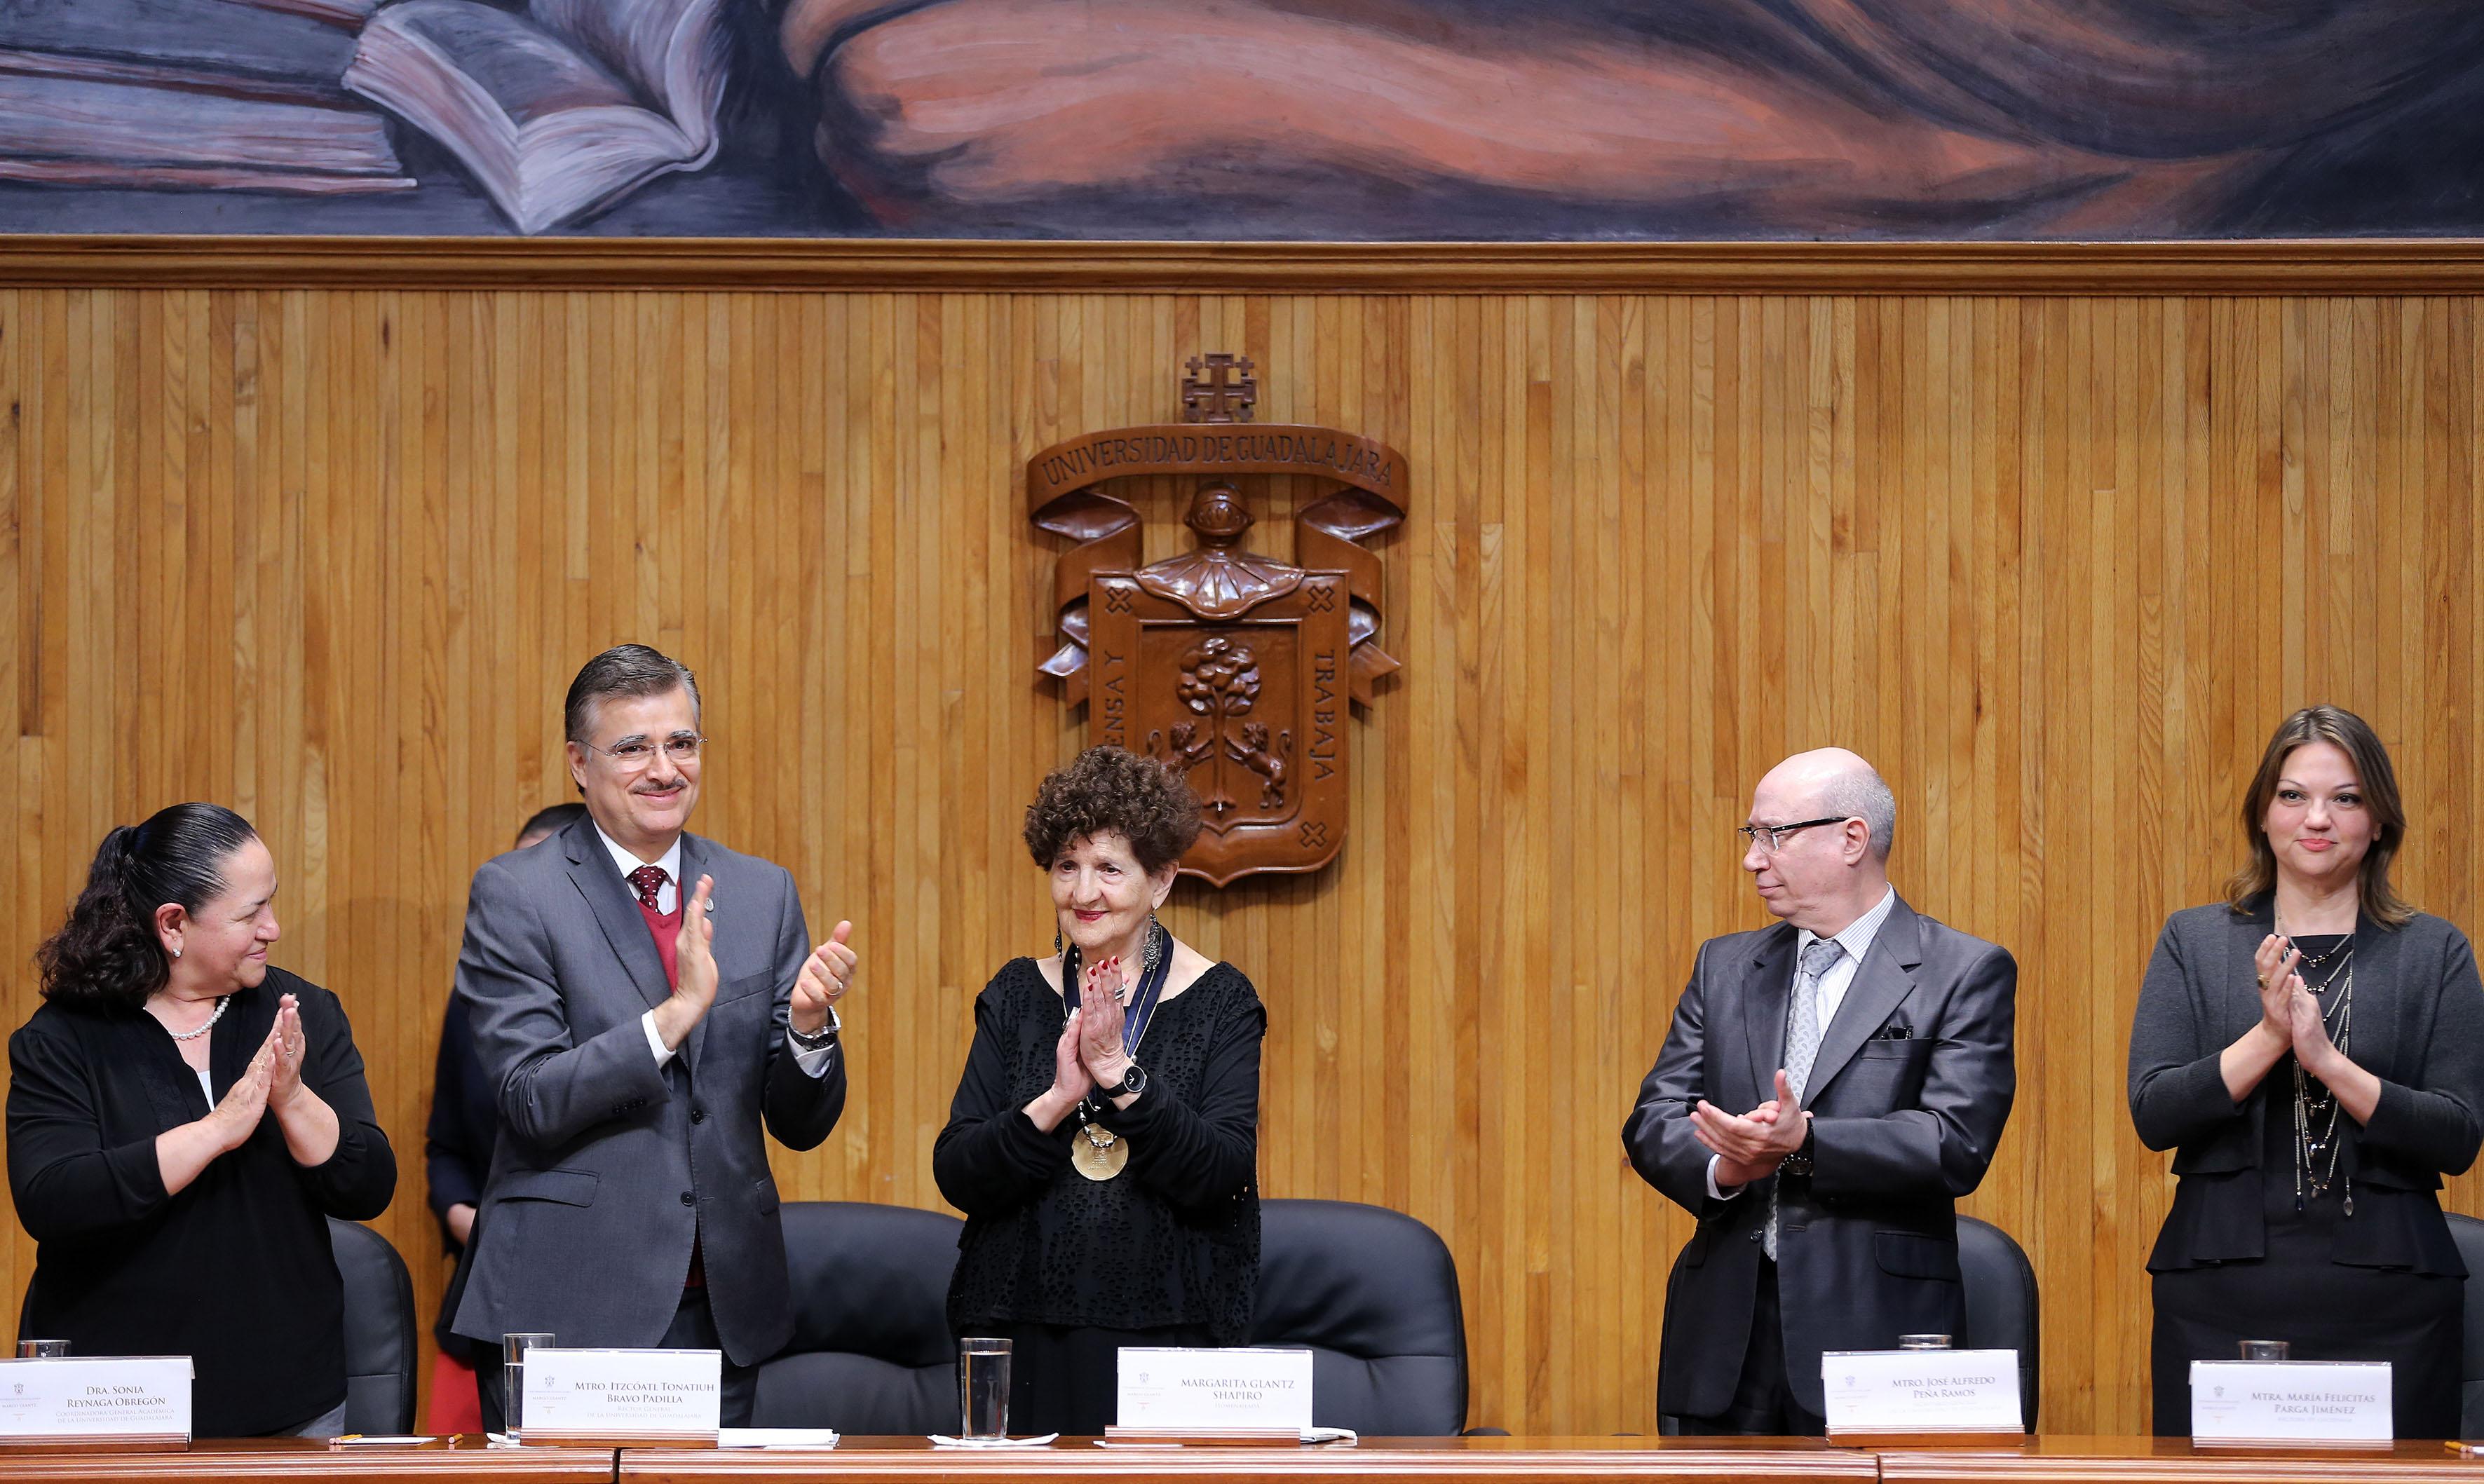 Escritora Margo Glantz Shapiro, recibió el Doctorado Honoris causa por la Universidad de Guadalajara, de manos del Rector General, maestro Itzcóatl Tonatiuh Bravo Padilla